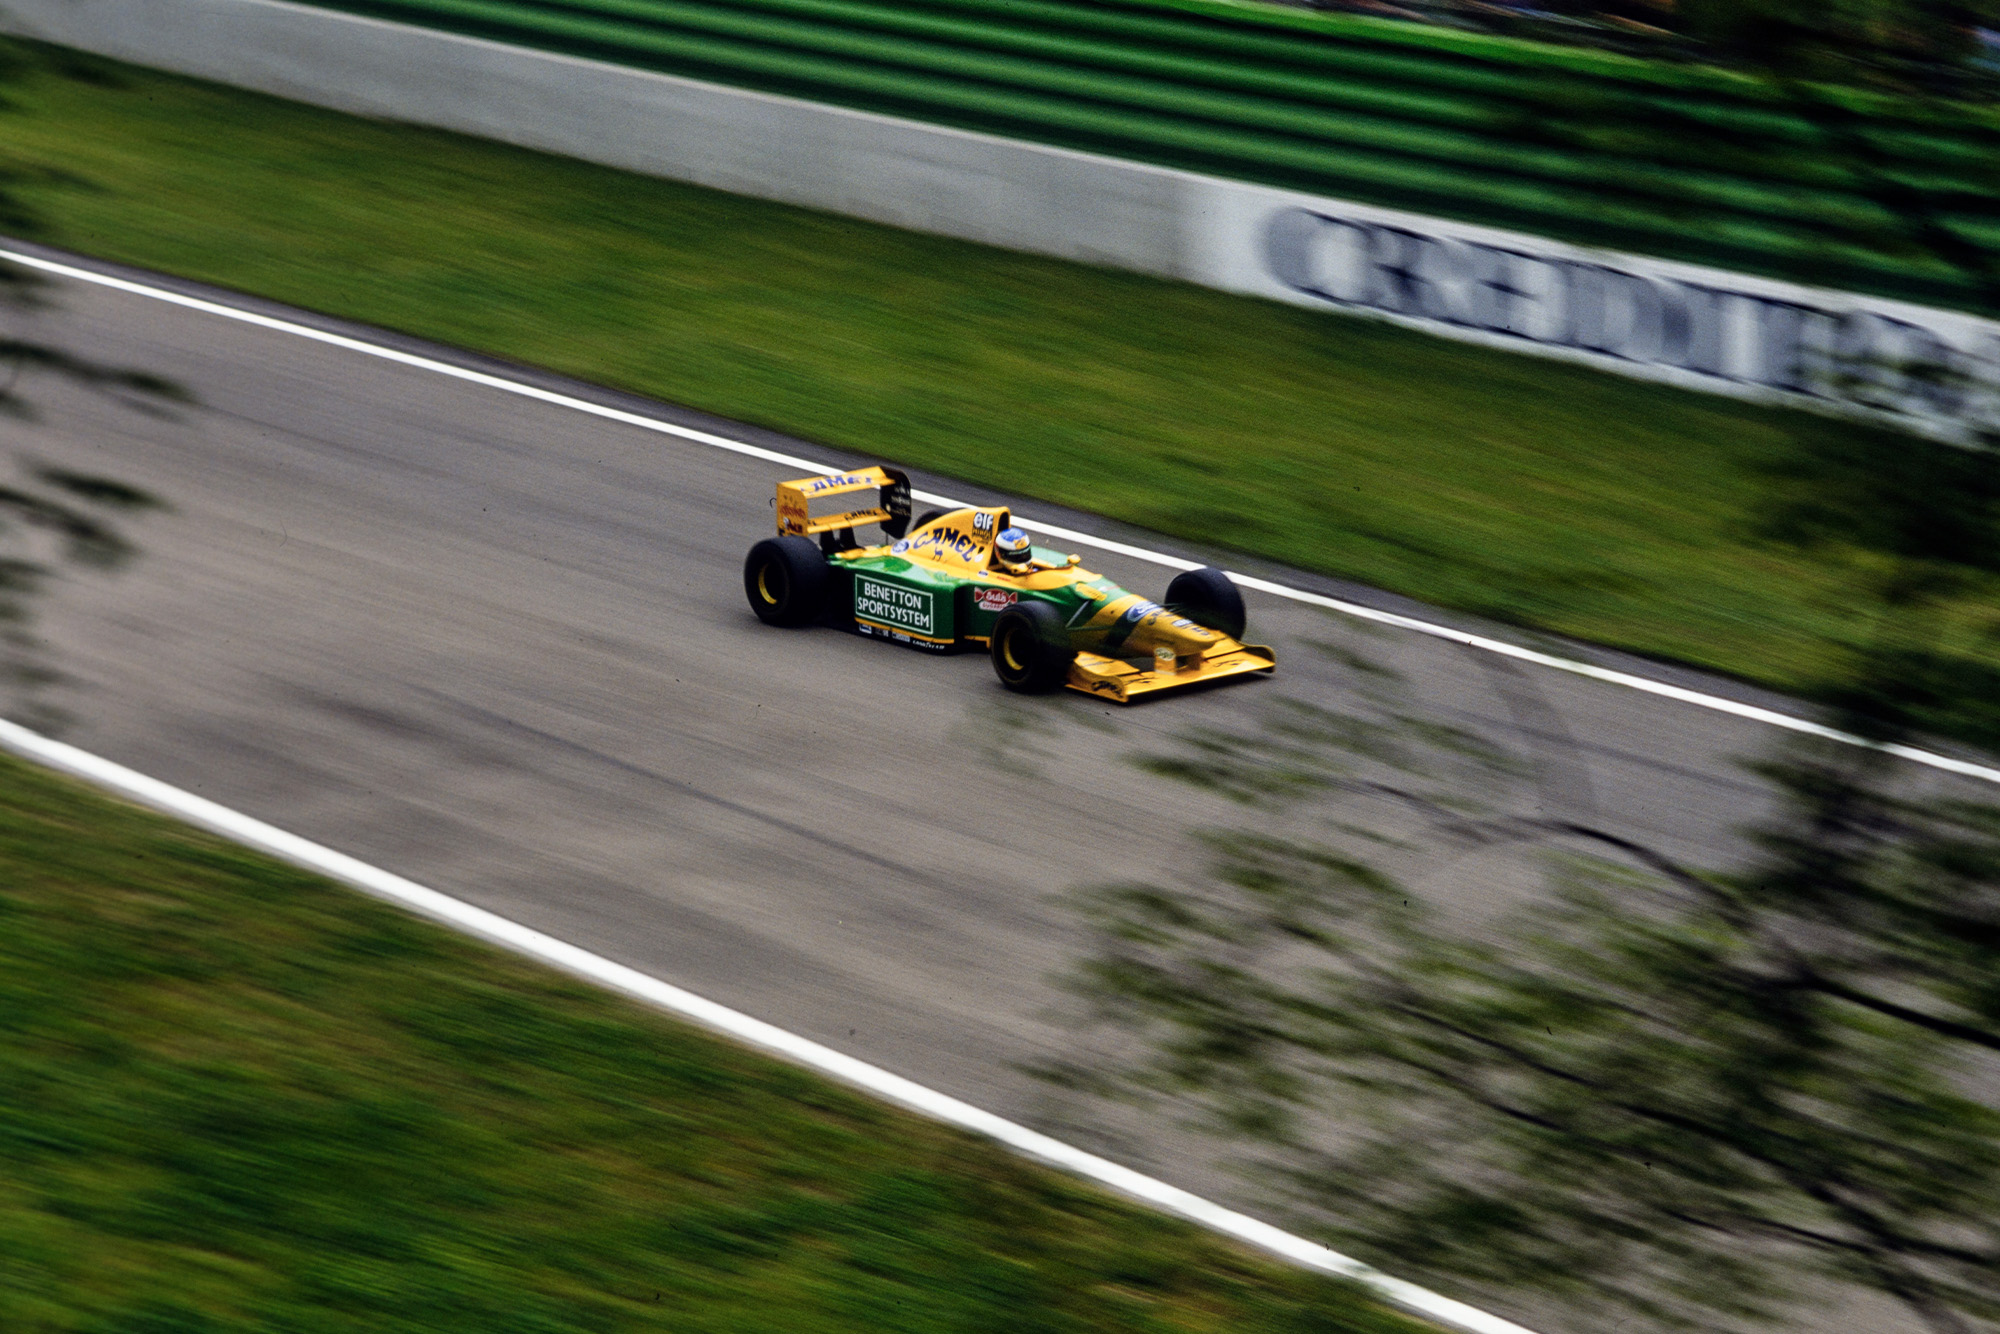 Schumacher2